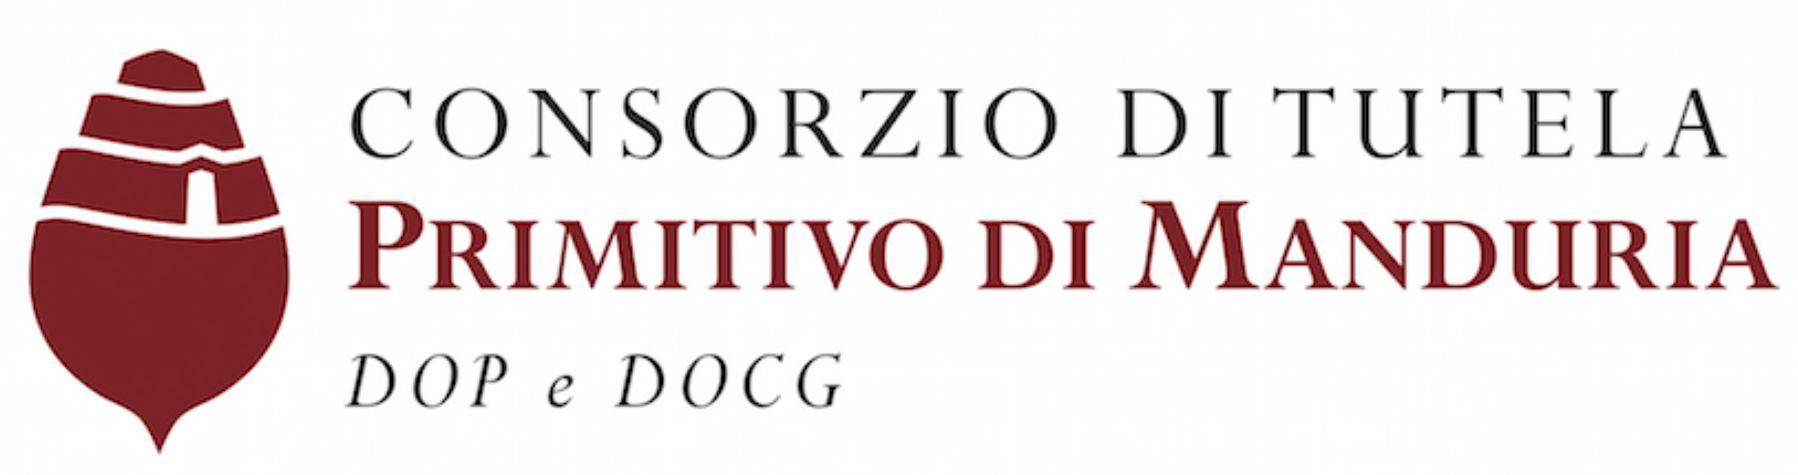 Consorzio di Tutela del Primitivo di Manduria DOP e DOCG